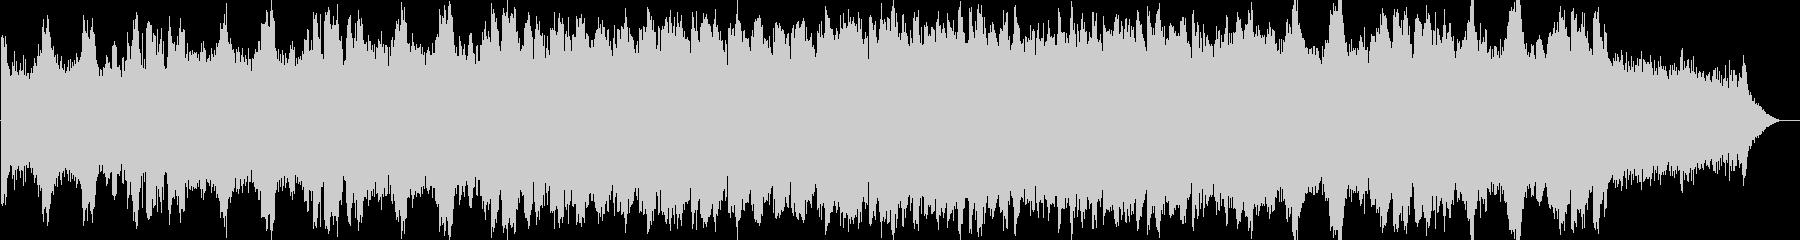 ストリングス主体の暗く悲しいBGMの未再生の波形